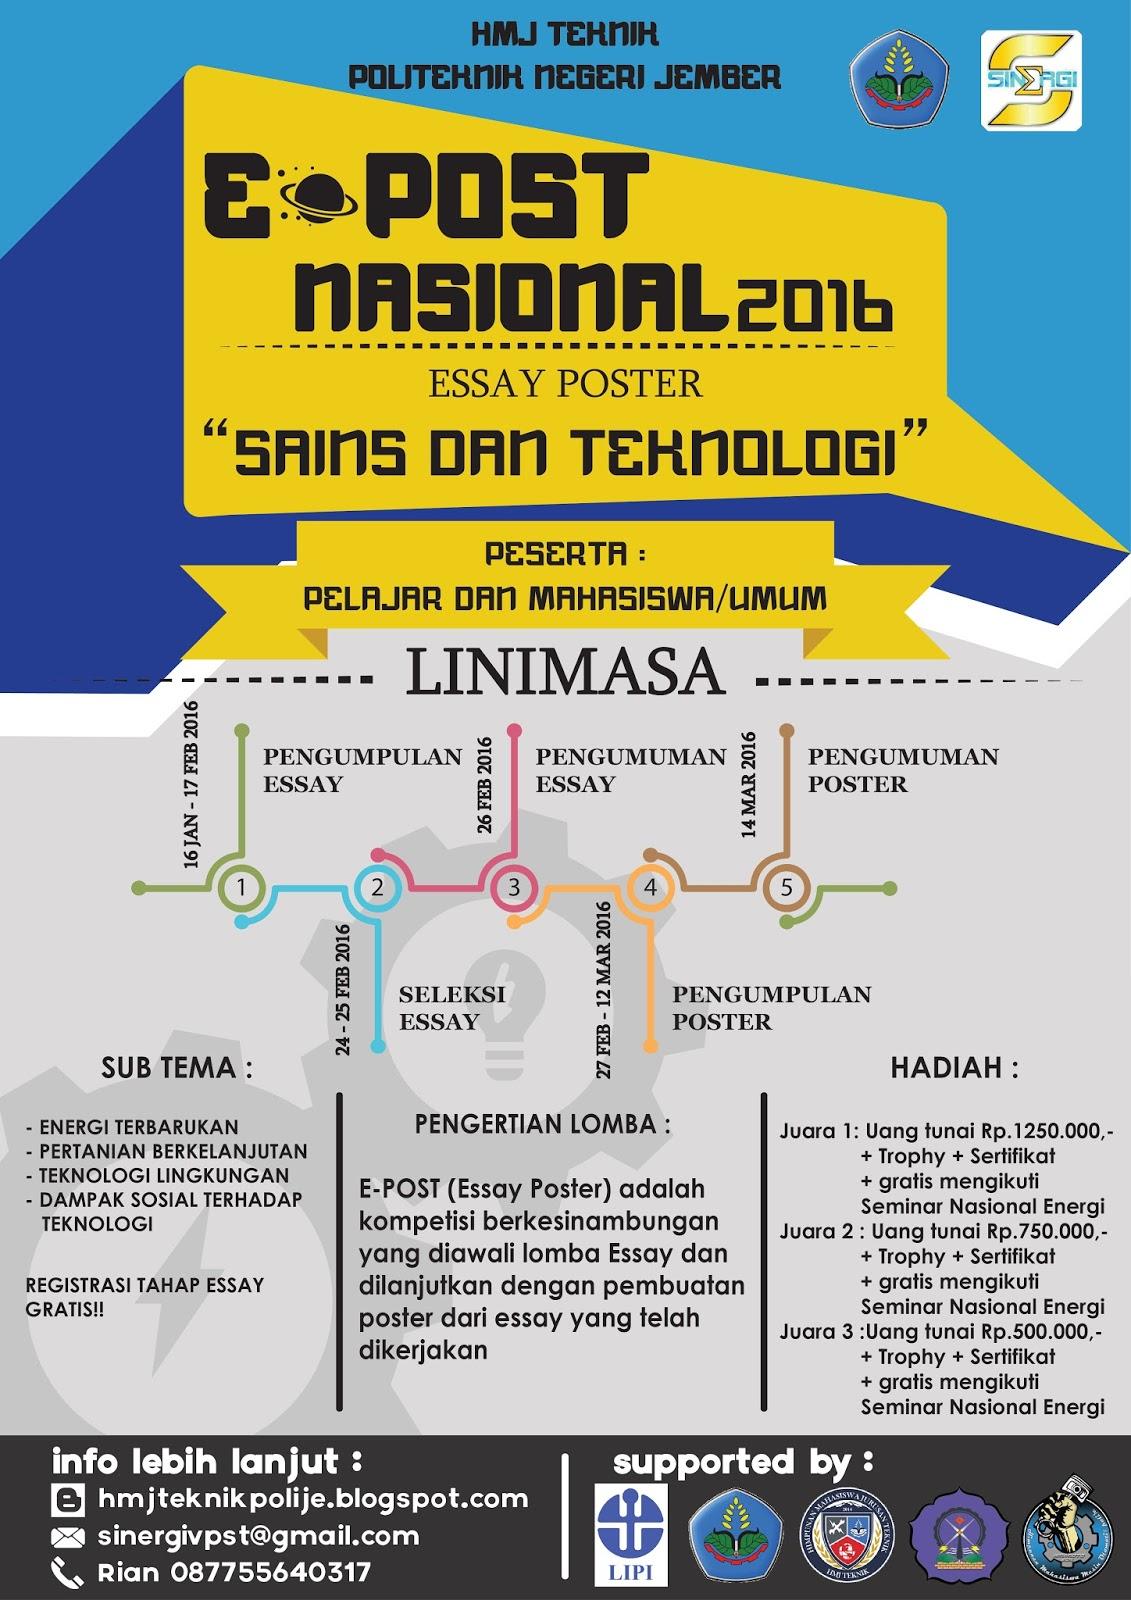 Lomba E Post Nasional 2016 Esai Dan Poster Sains Dan Teknologi